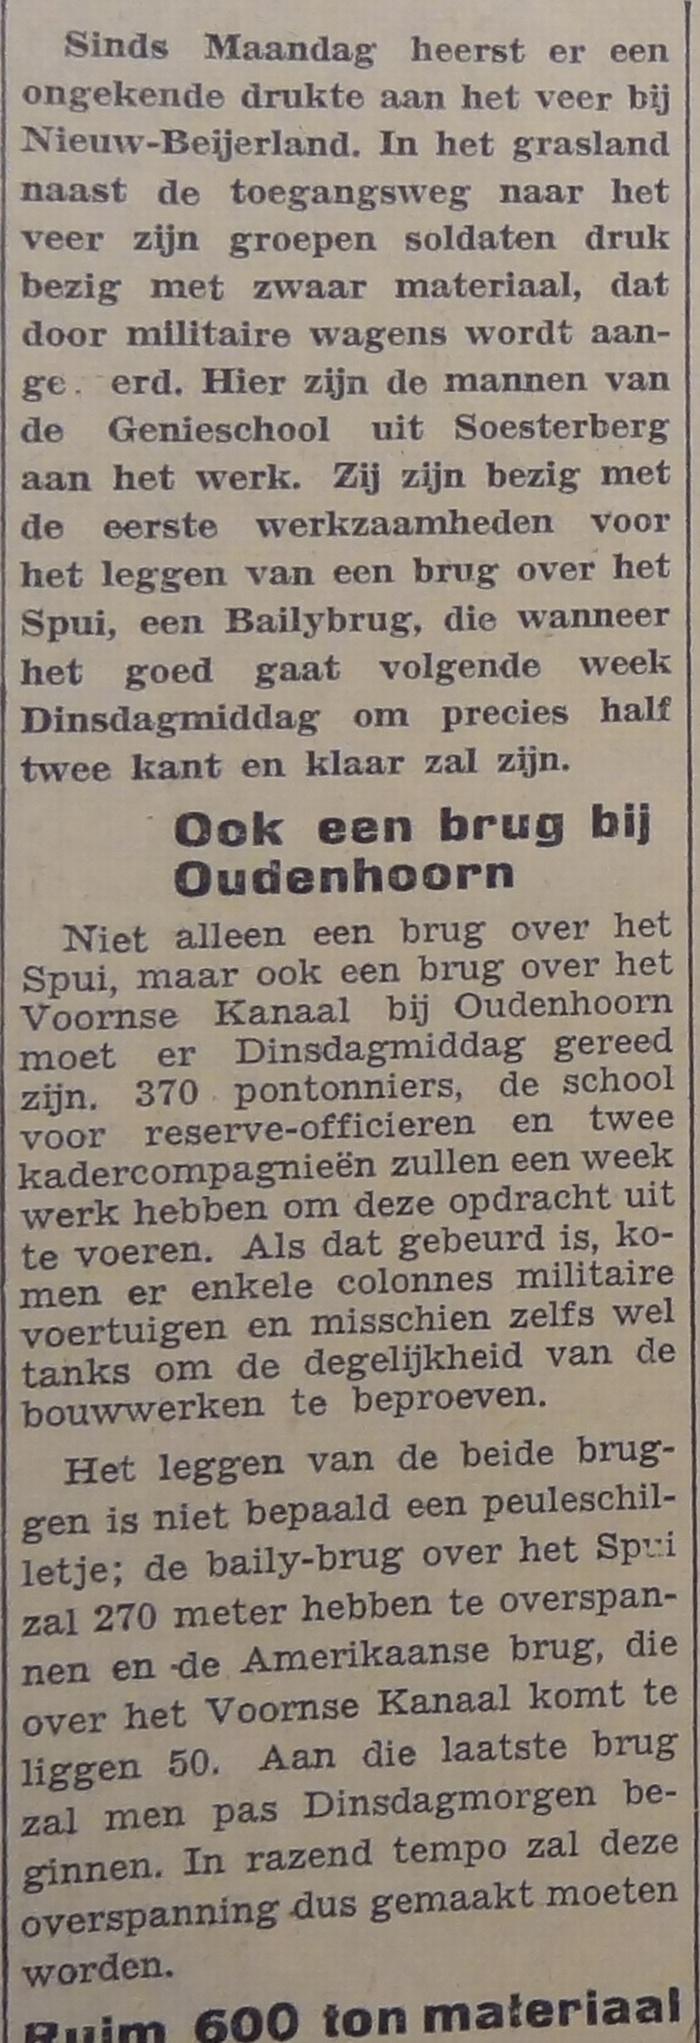 brug-over-het-spui-15oct1952-tekst-02